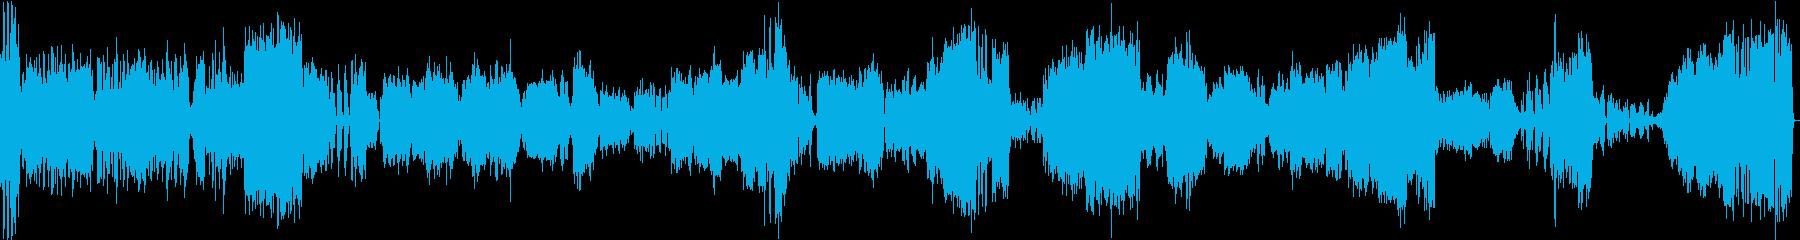 ピアノ協奏曲1番(チャイコフスキー)の再生済みの波形